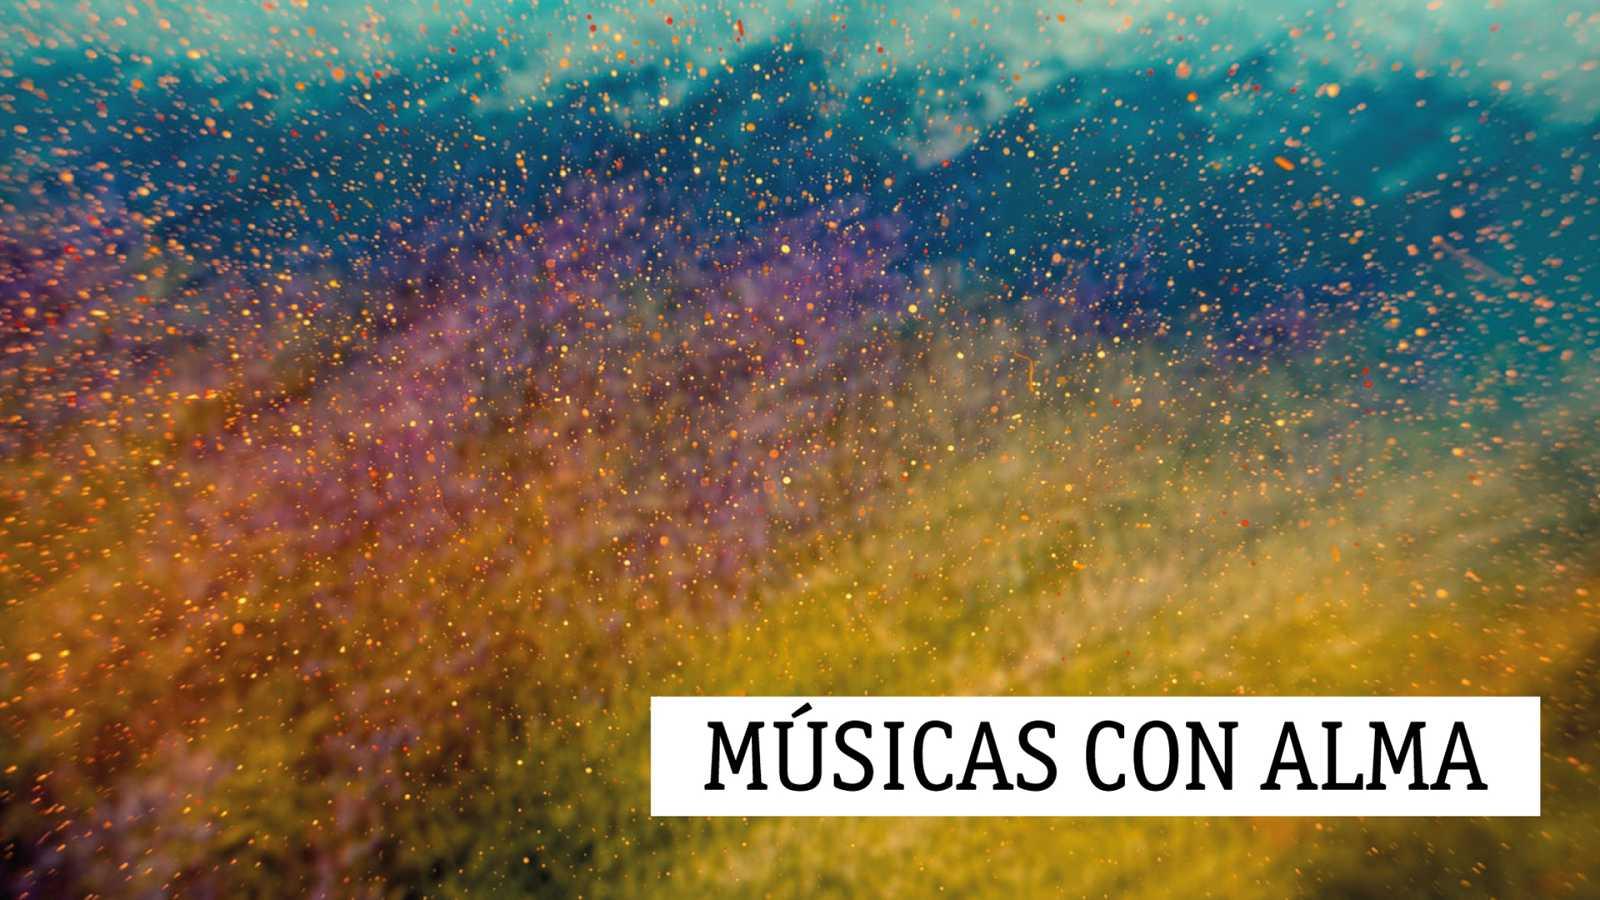 Músicas con alma - 05/05/21 - escuchar ahora